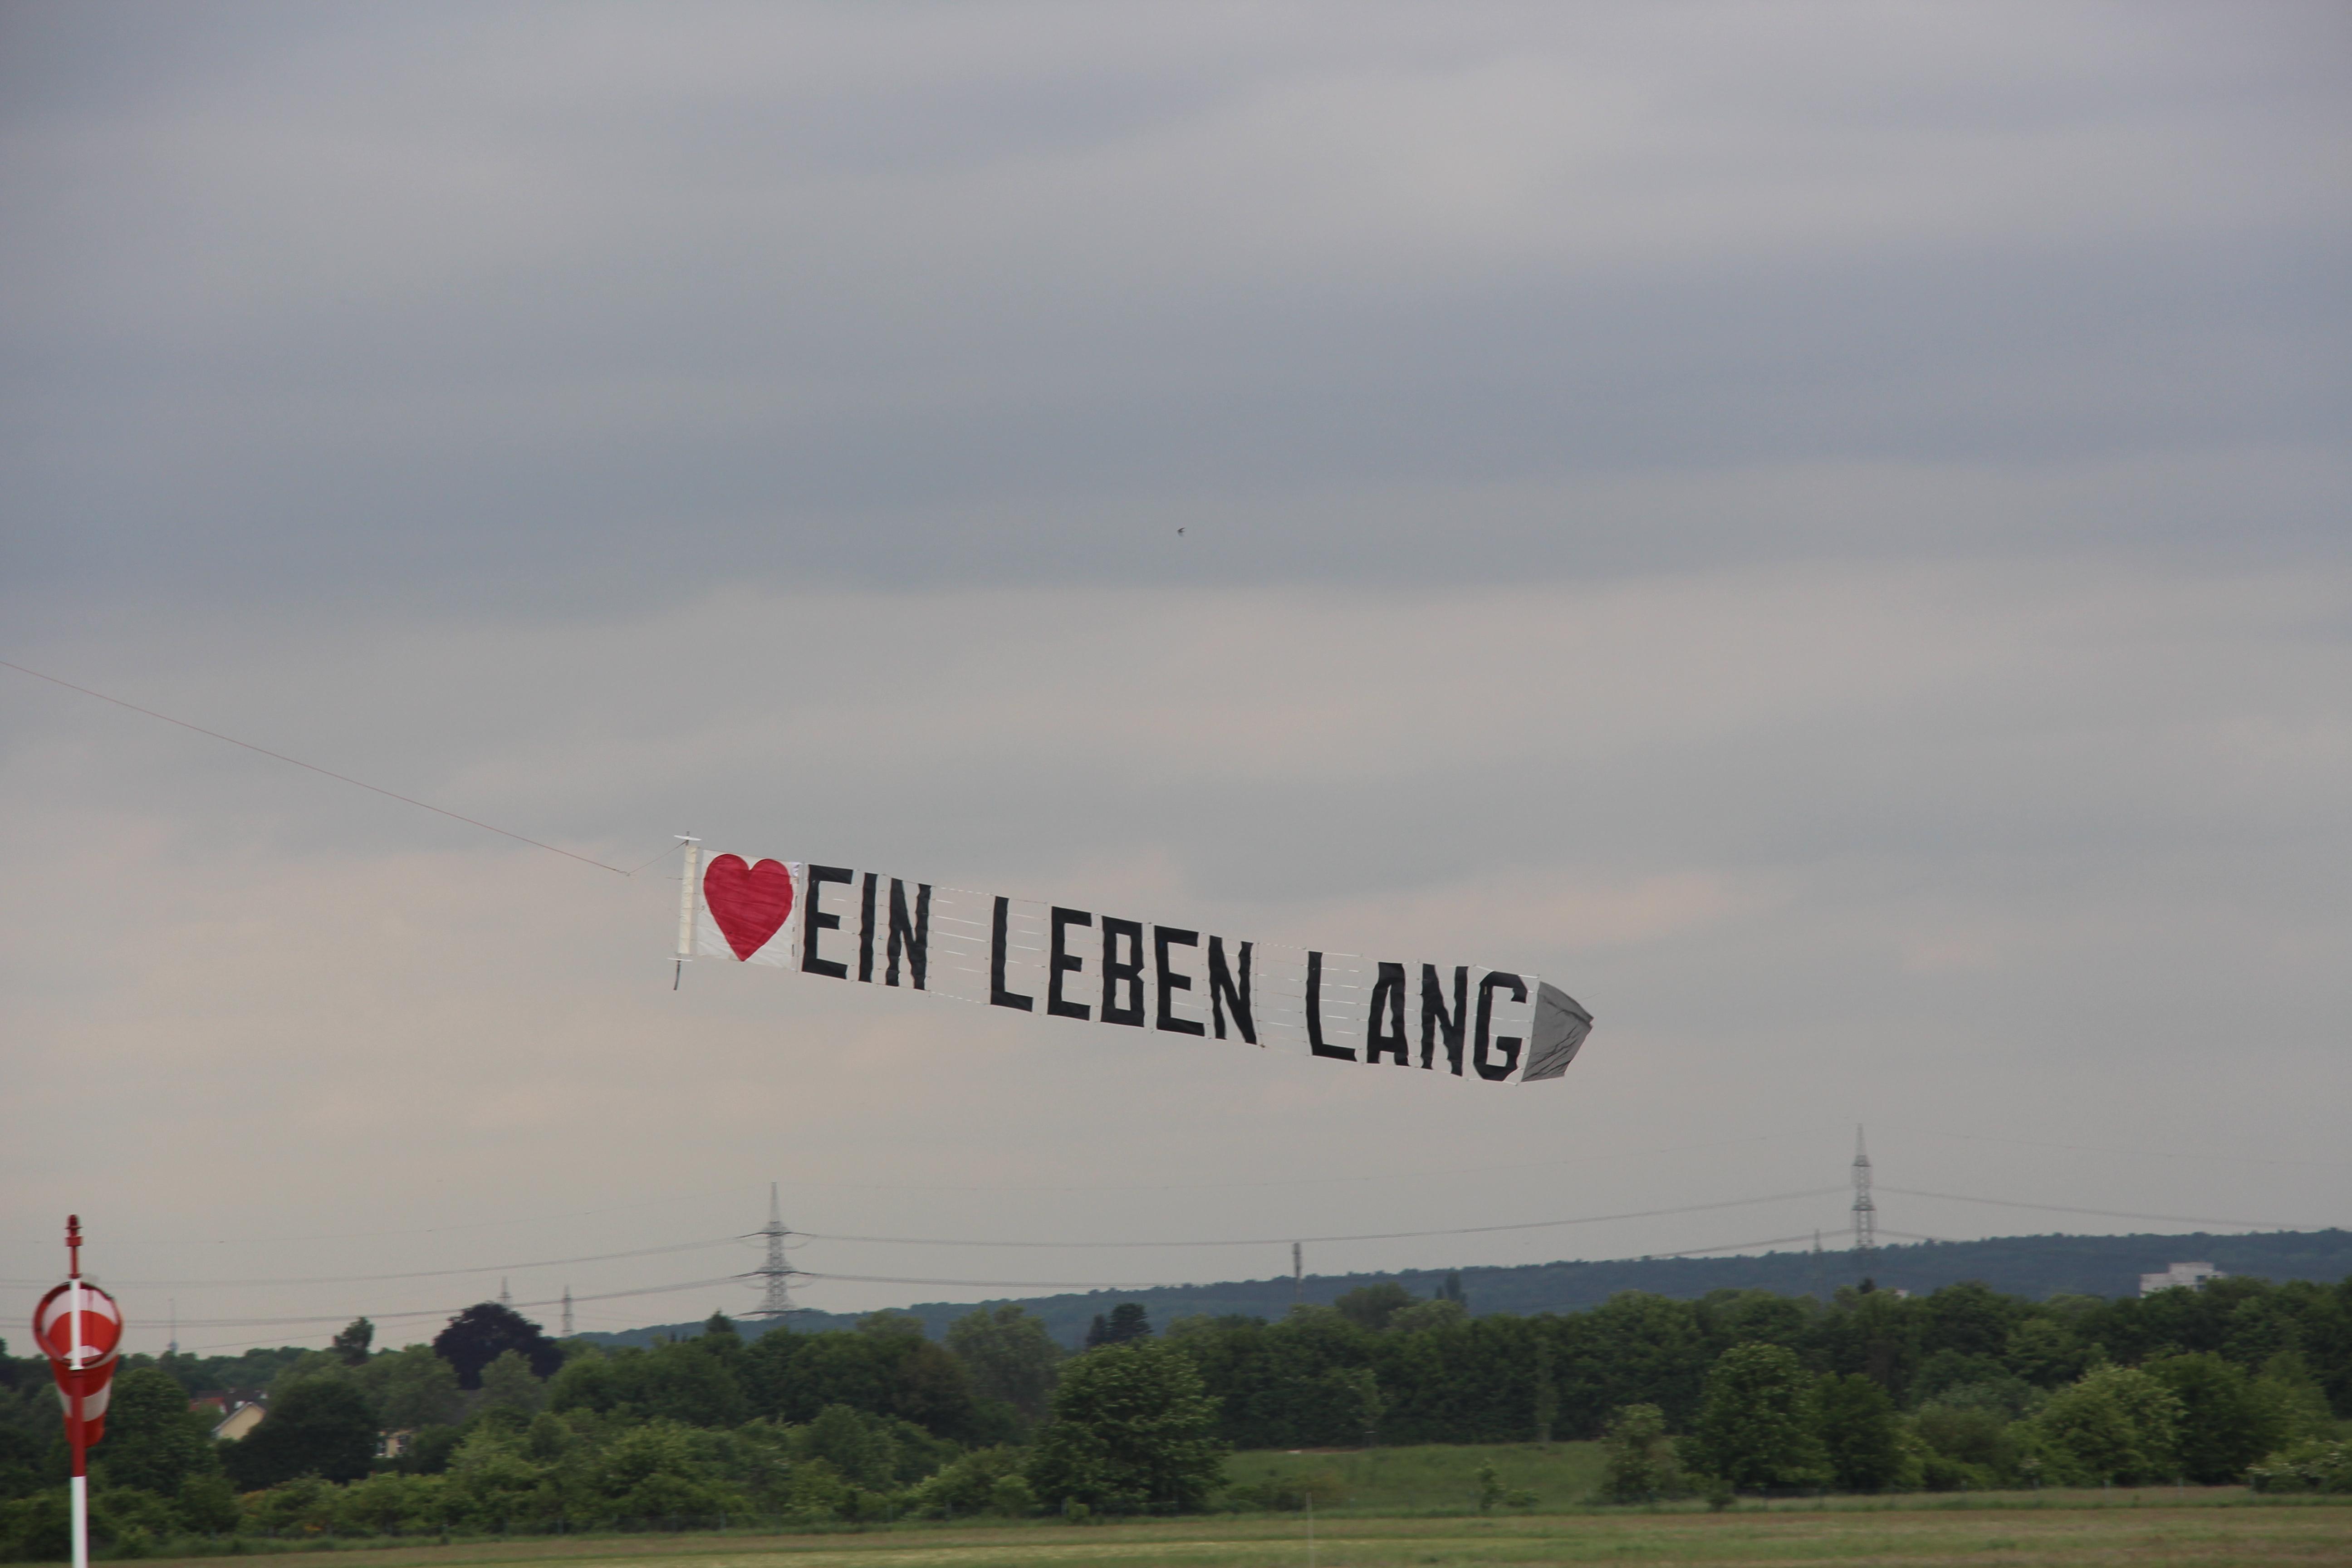 Buchstabenbanner – ideal für ausgefallene Heiratsanträge, Glückwünsche oder Werbebotschaften in der Luftwerbung